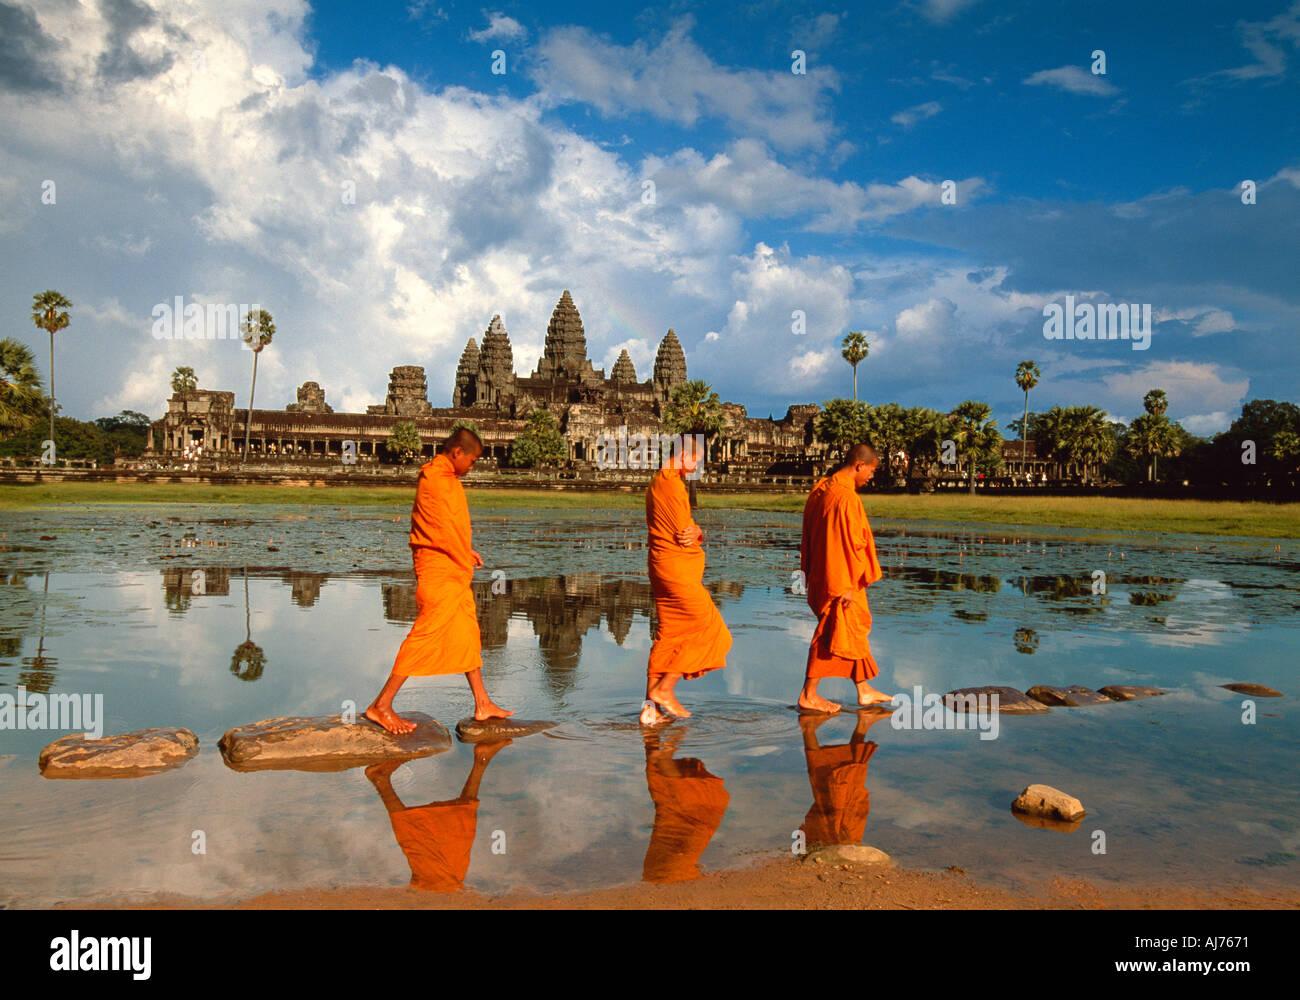 Los monjes caminando por la reflexión de Angkor Wat, Angkor, Camboya Imagen De Stock